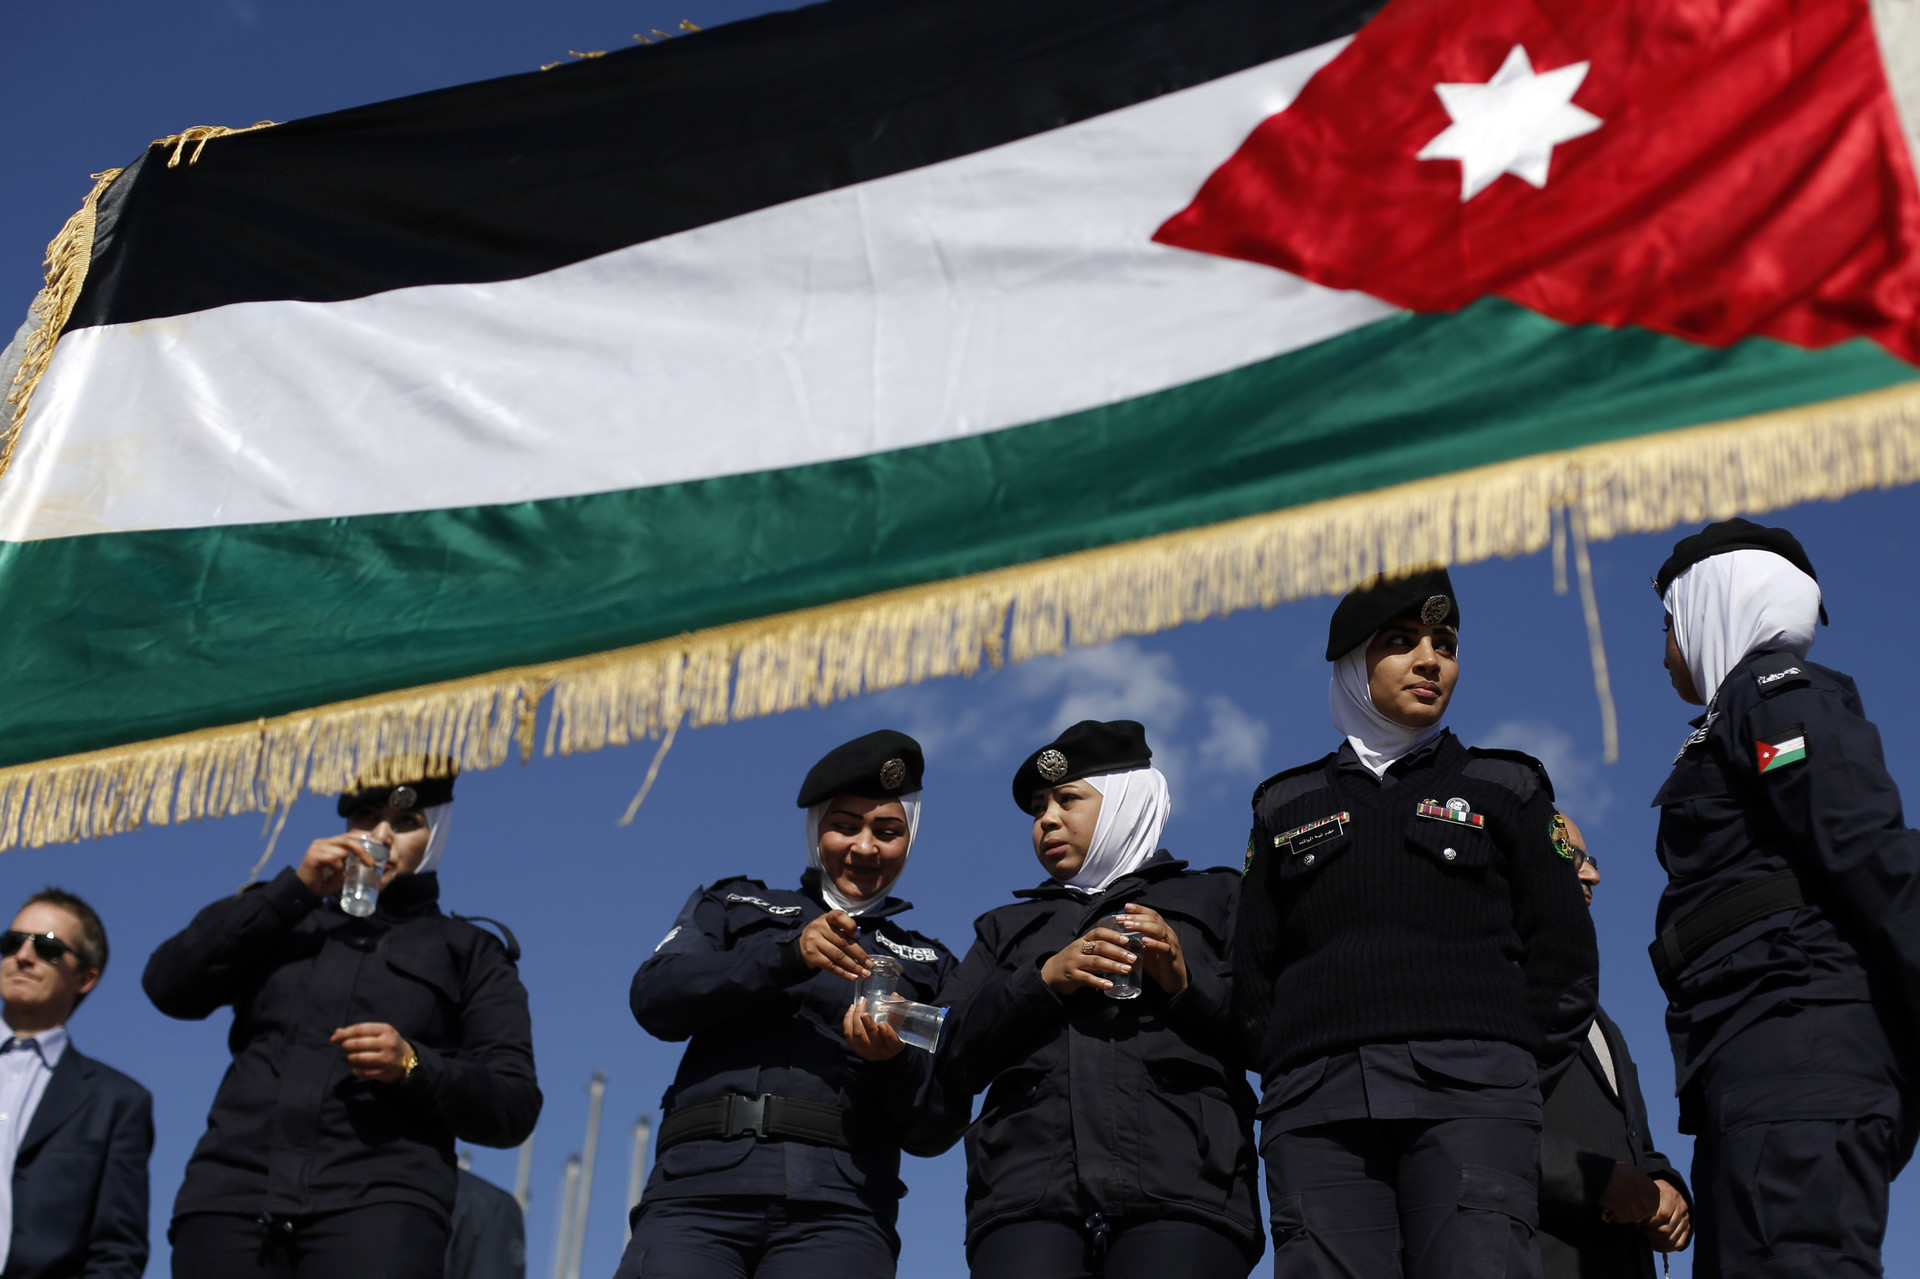 La policía jordana en la manifestación de apoyo al rey del país